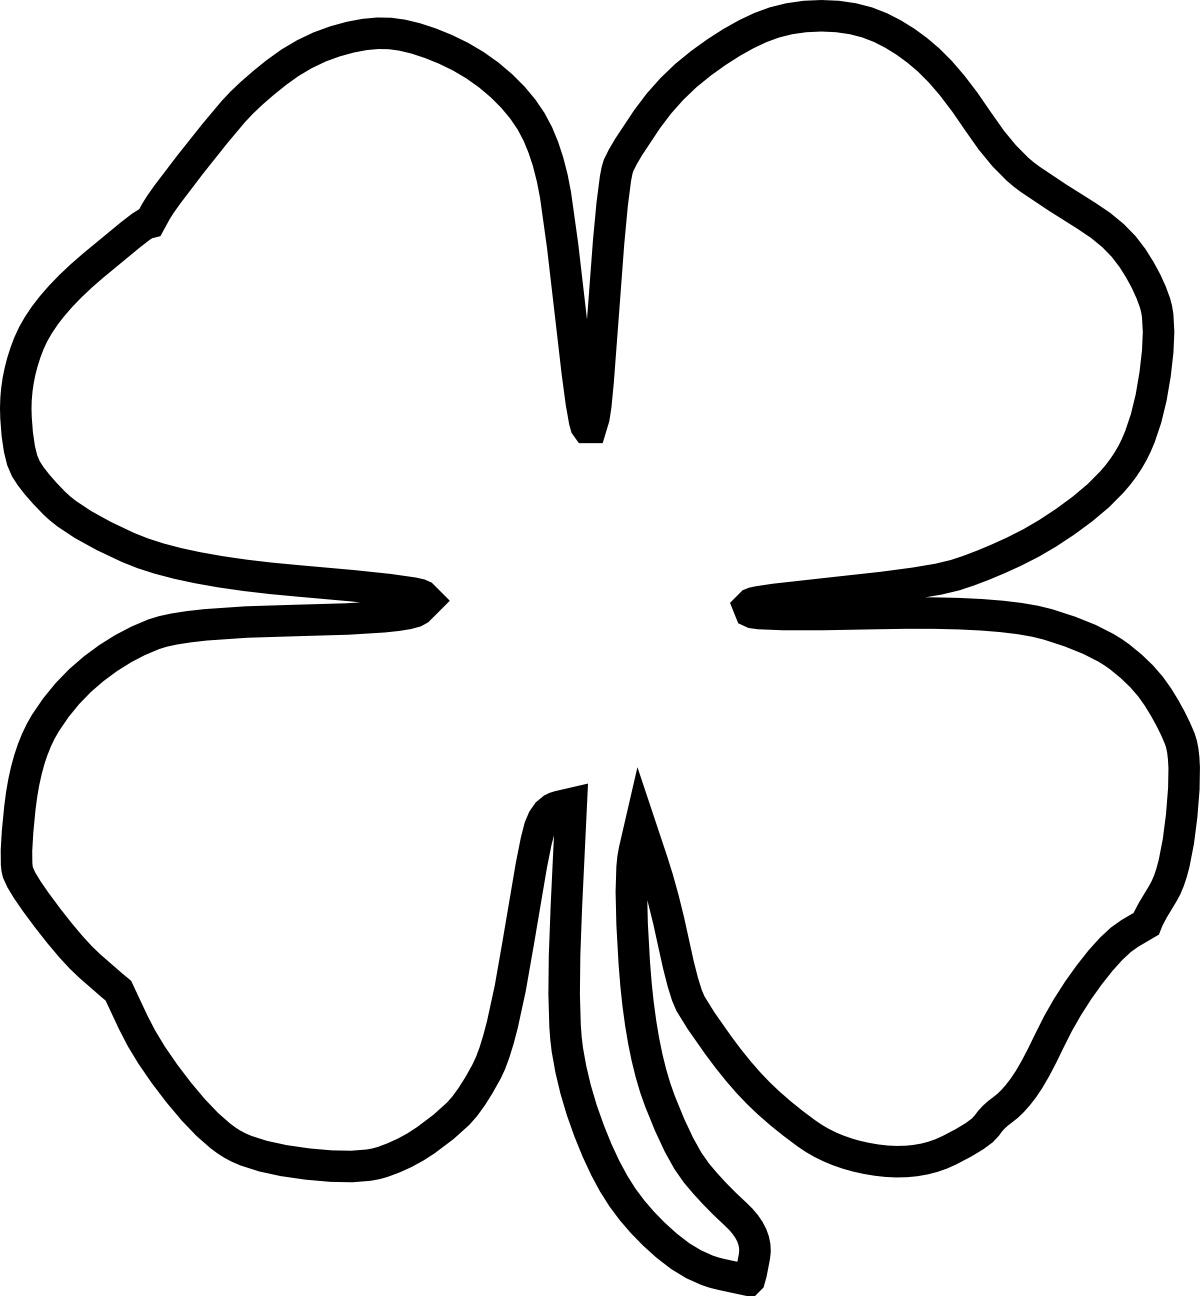 Free Four Leaf Clover Outline, Download Free Clip Art ...